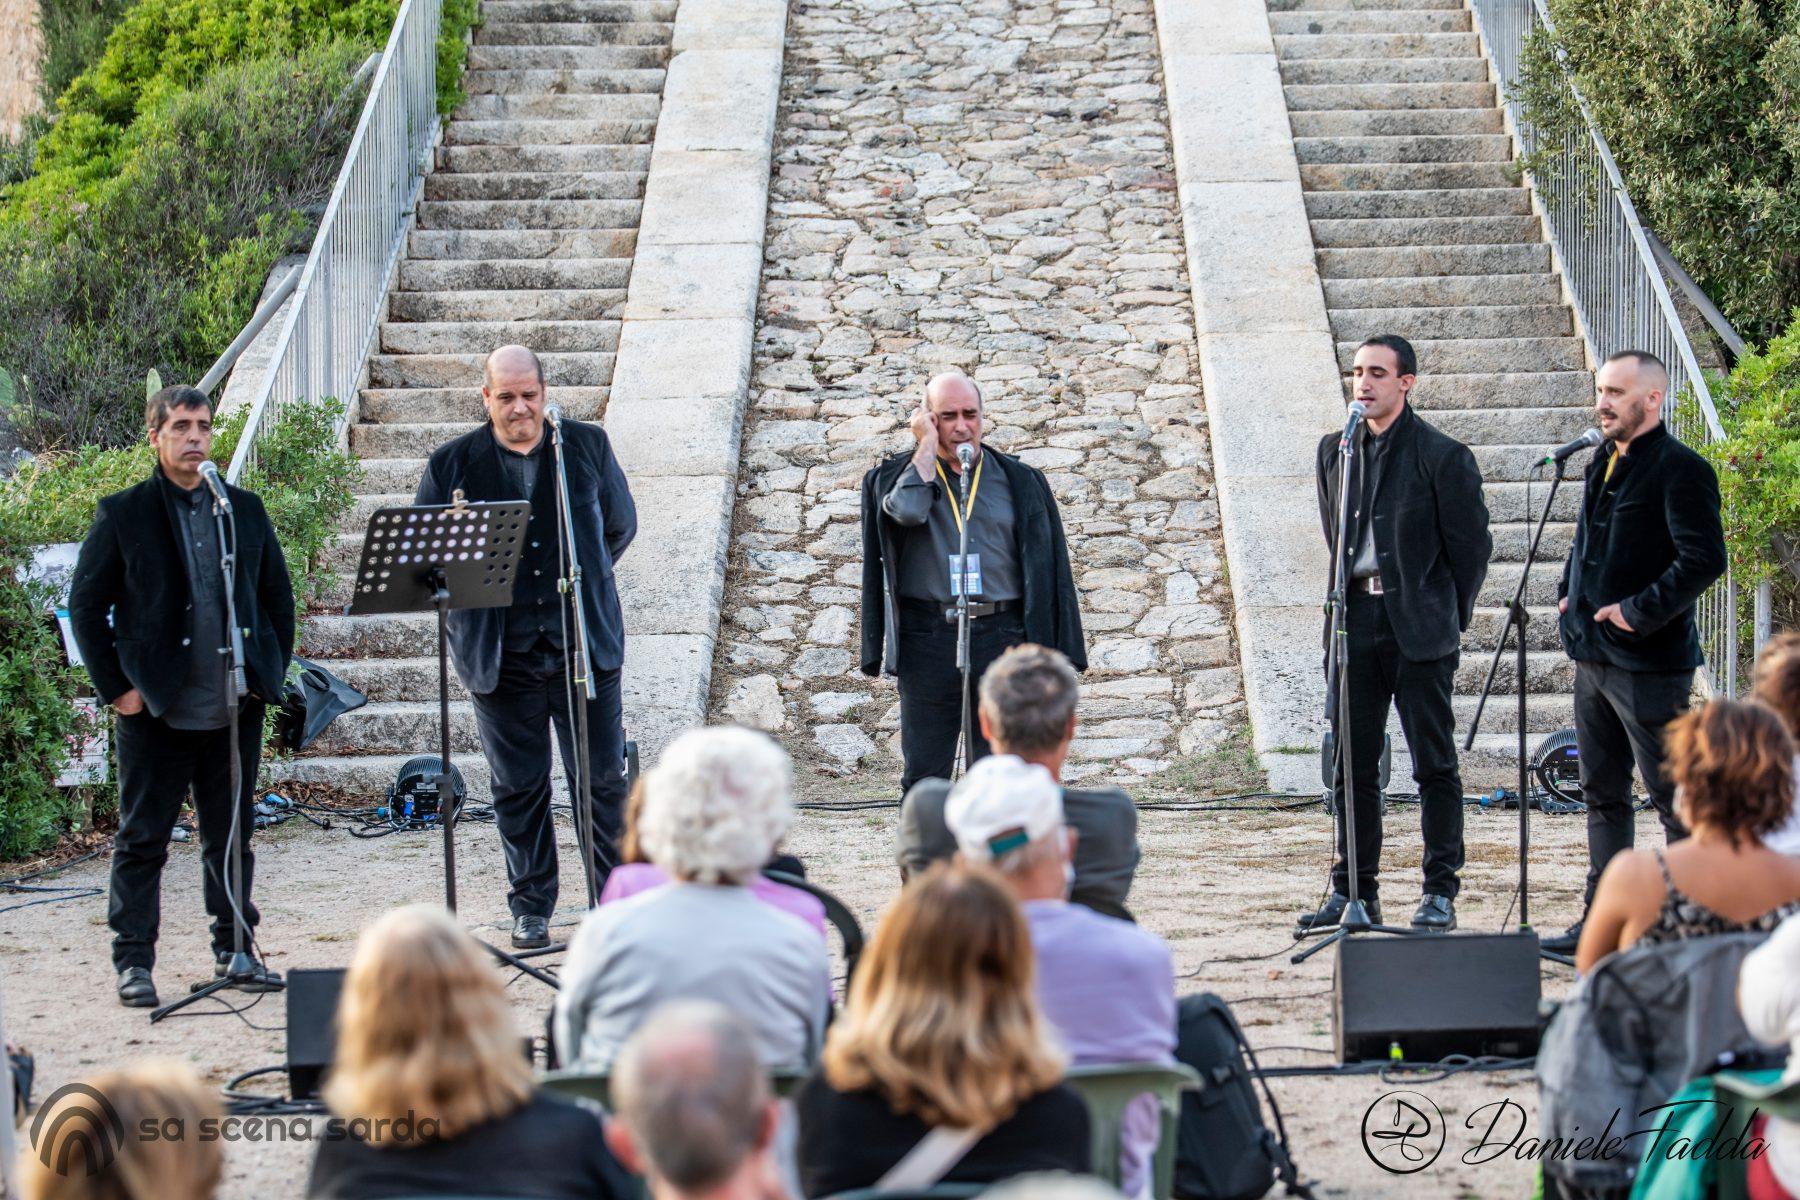 Isole che Parlano - Isole che Parlano di Musica - Tenores Murales di Orgosolo - Daniele Fadda - festival - Palau - 2020 - Sa Scena Sarda - 12 settembre 2020